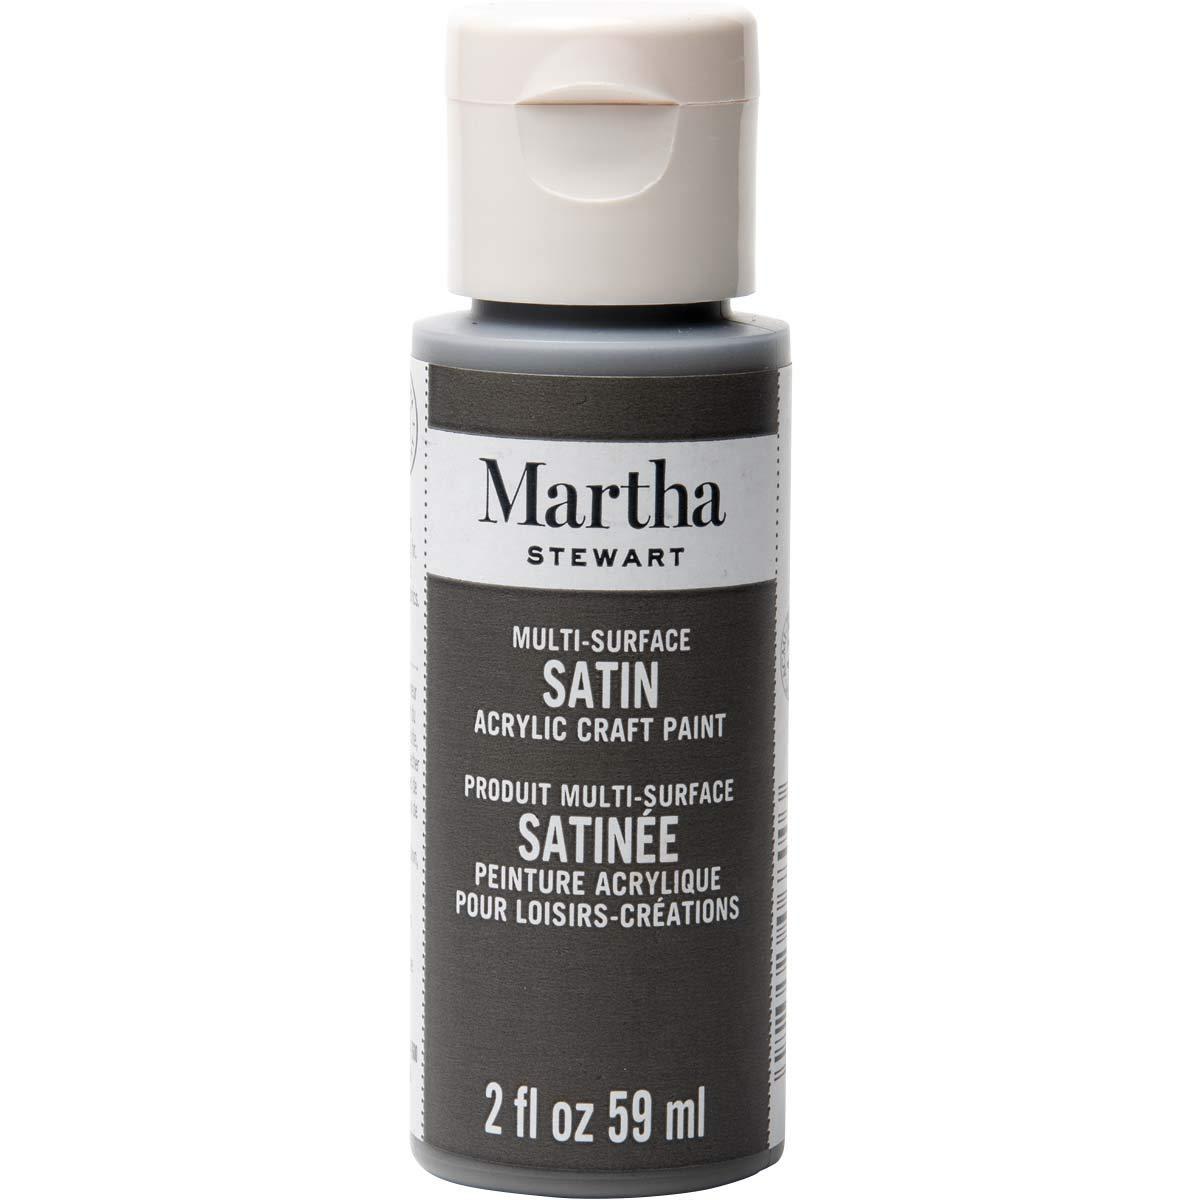 MARTHA STEWART Multi-Surface Satin Acrylic Arrowhead, 2 oz Paint